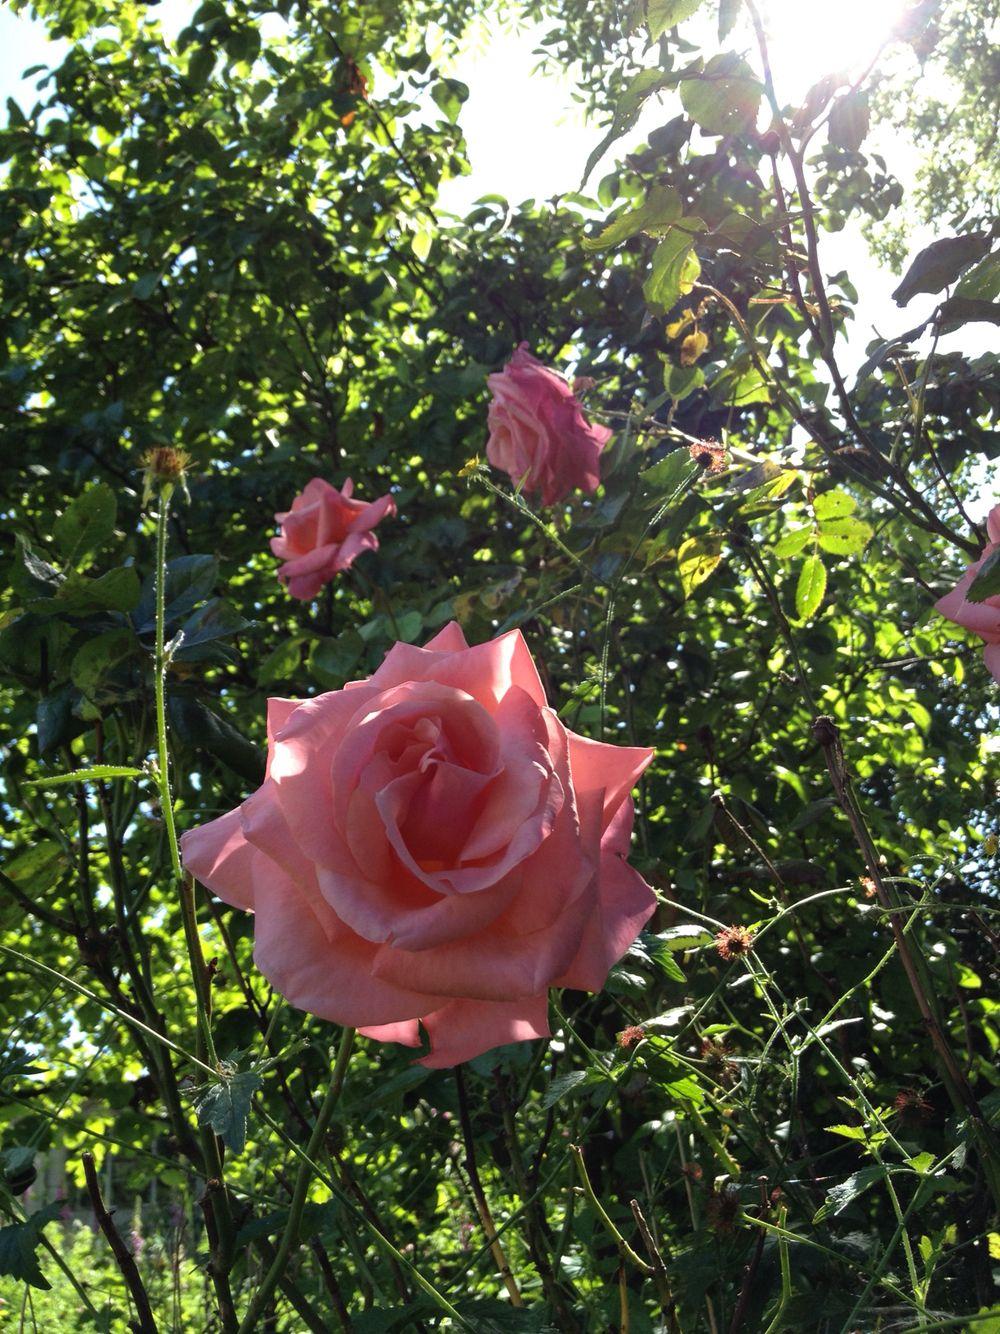 Roses, light, garden